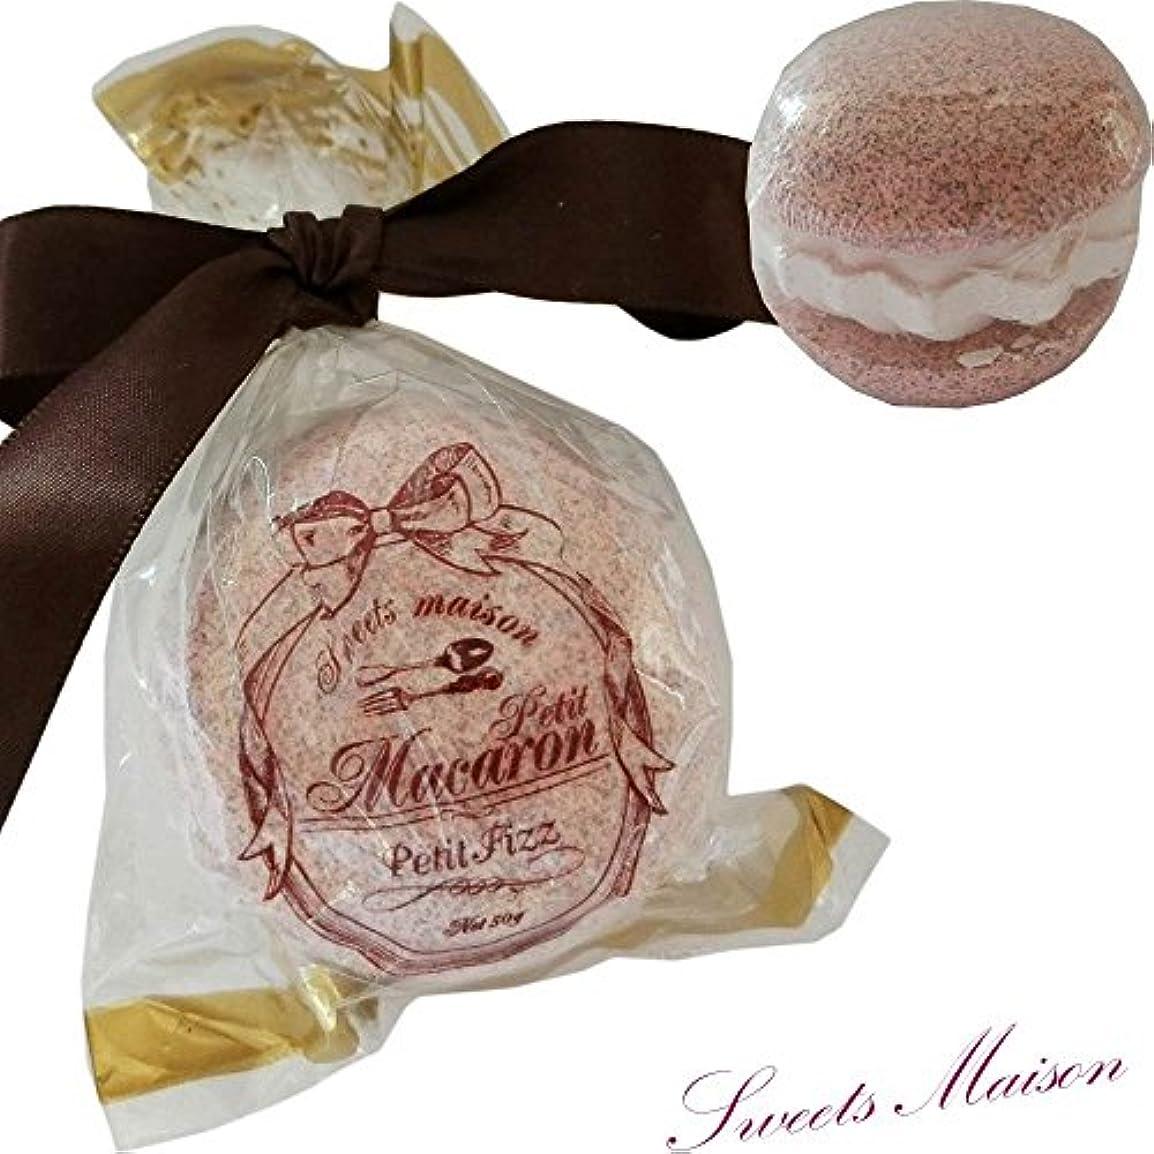 熱心小道具ゲーム【Sweets Maison】プチマカロンフィズ ビターなマンダリン&チョコレートの香り 1個